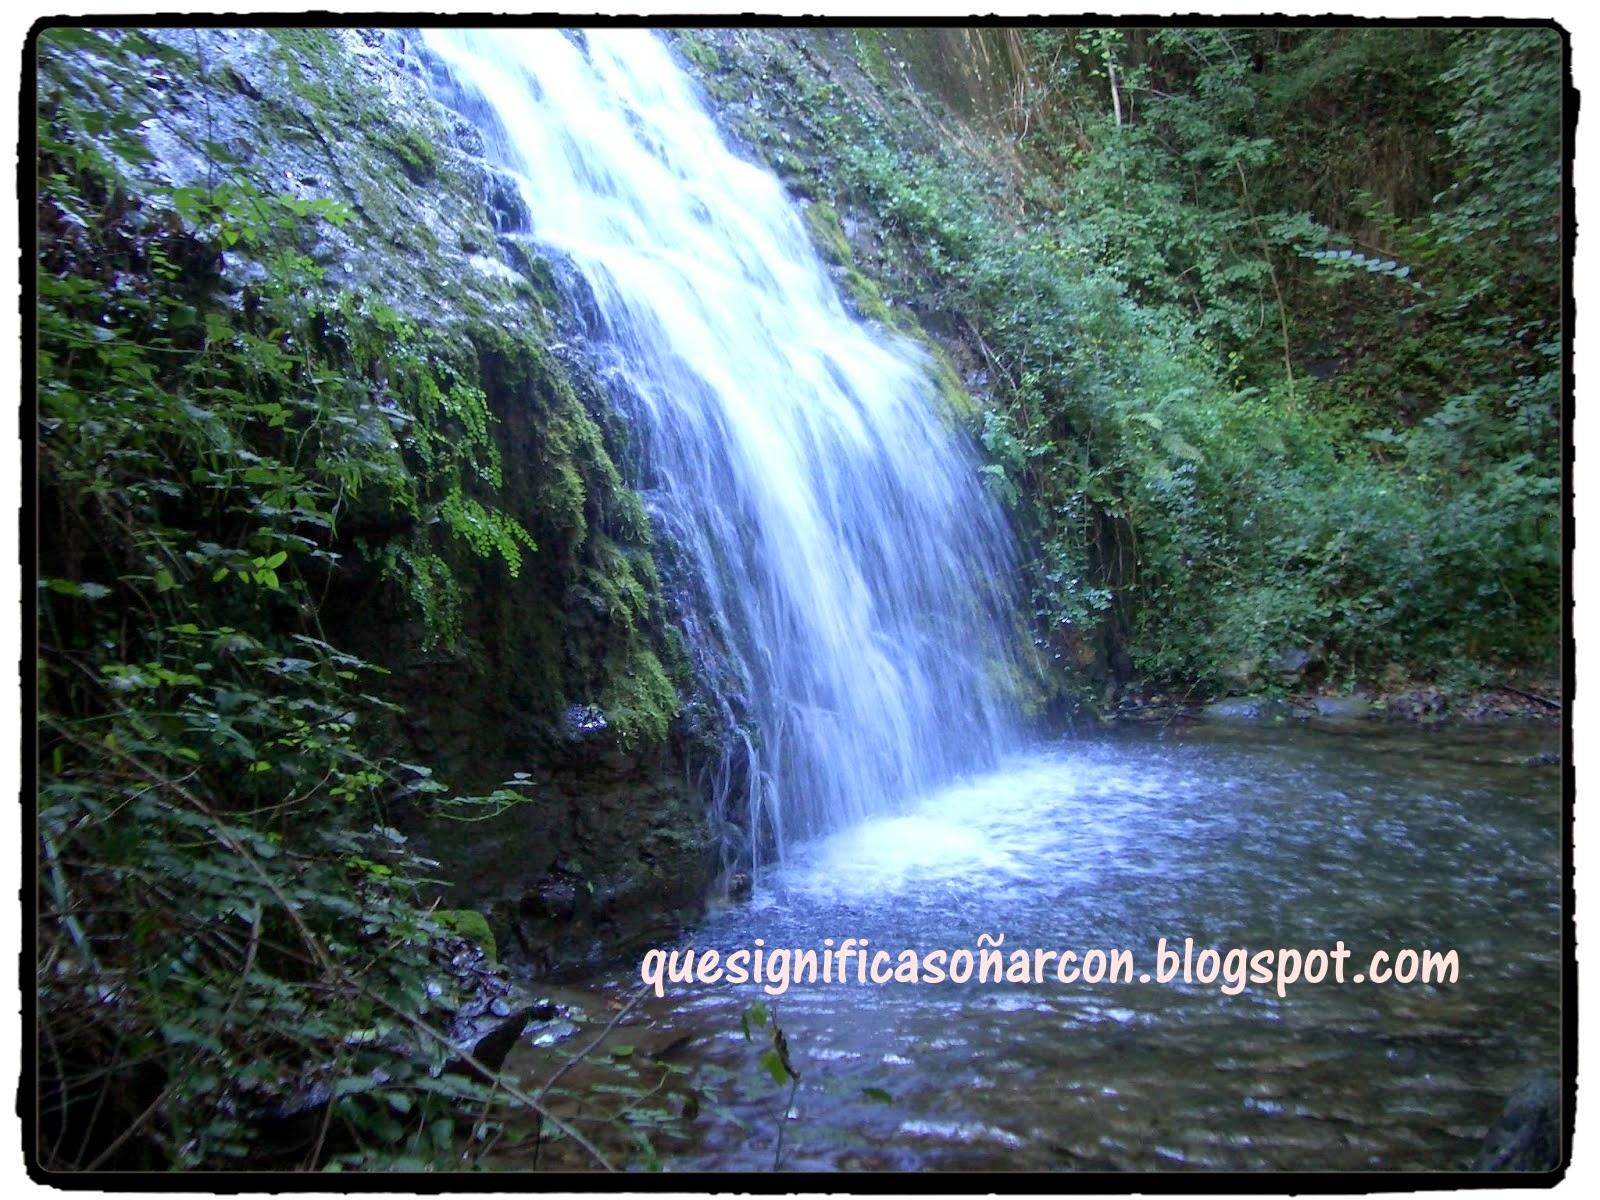 Que significa so ar con cascada que significa so ar con for Motor para cascada de agua